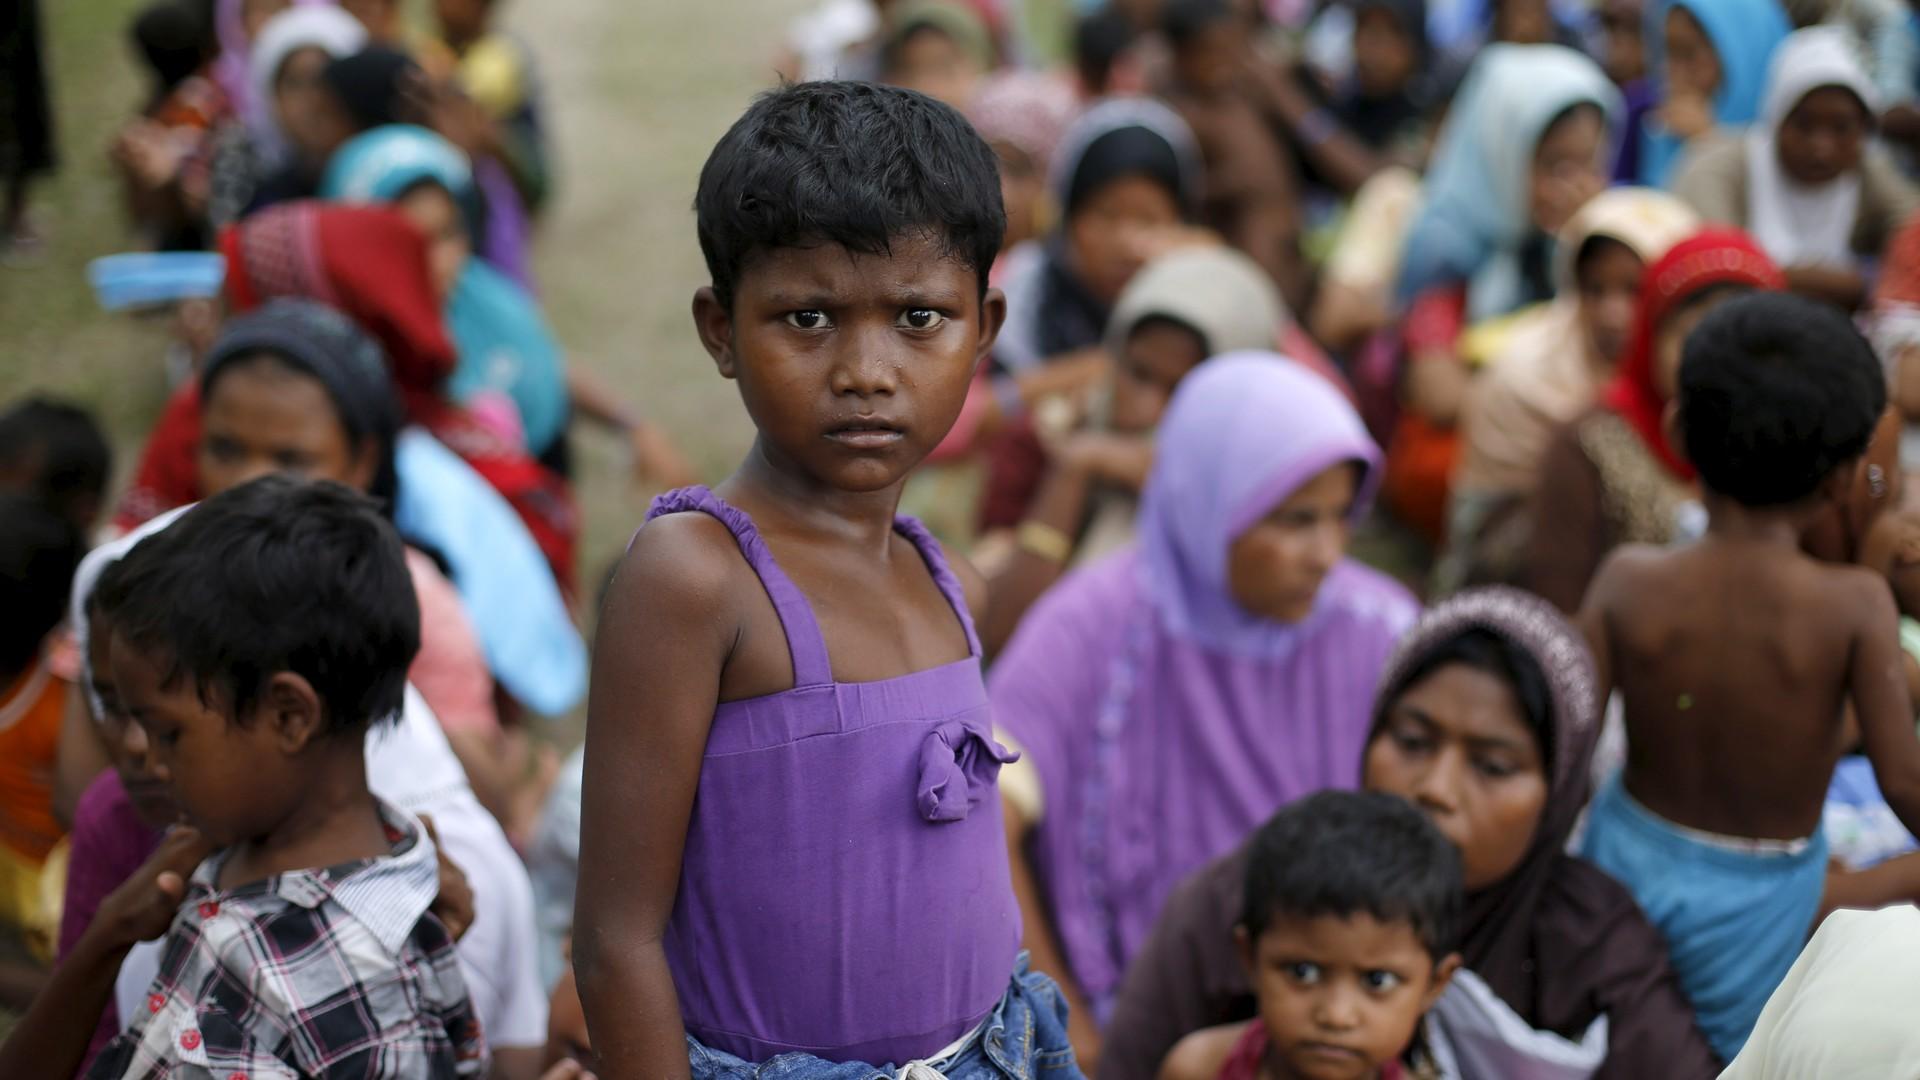 Prise de photos d'enfants pour identification dans un camp de réfugiés en Indonésie